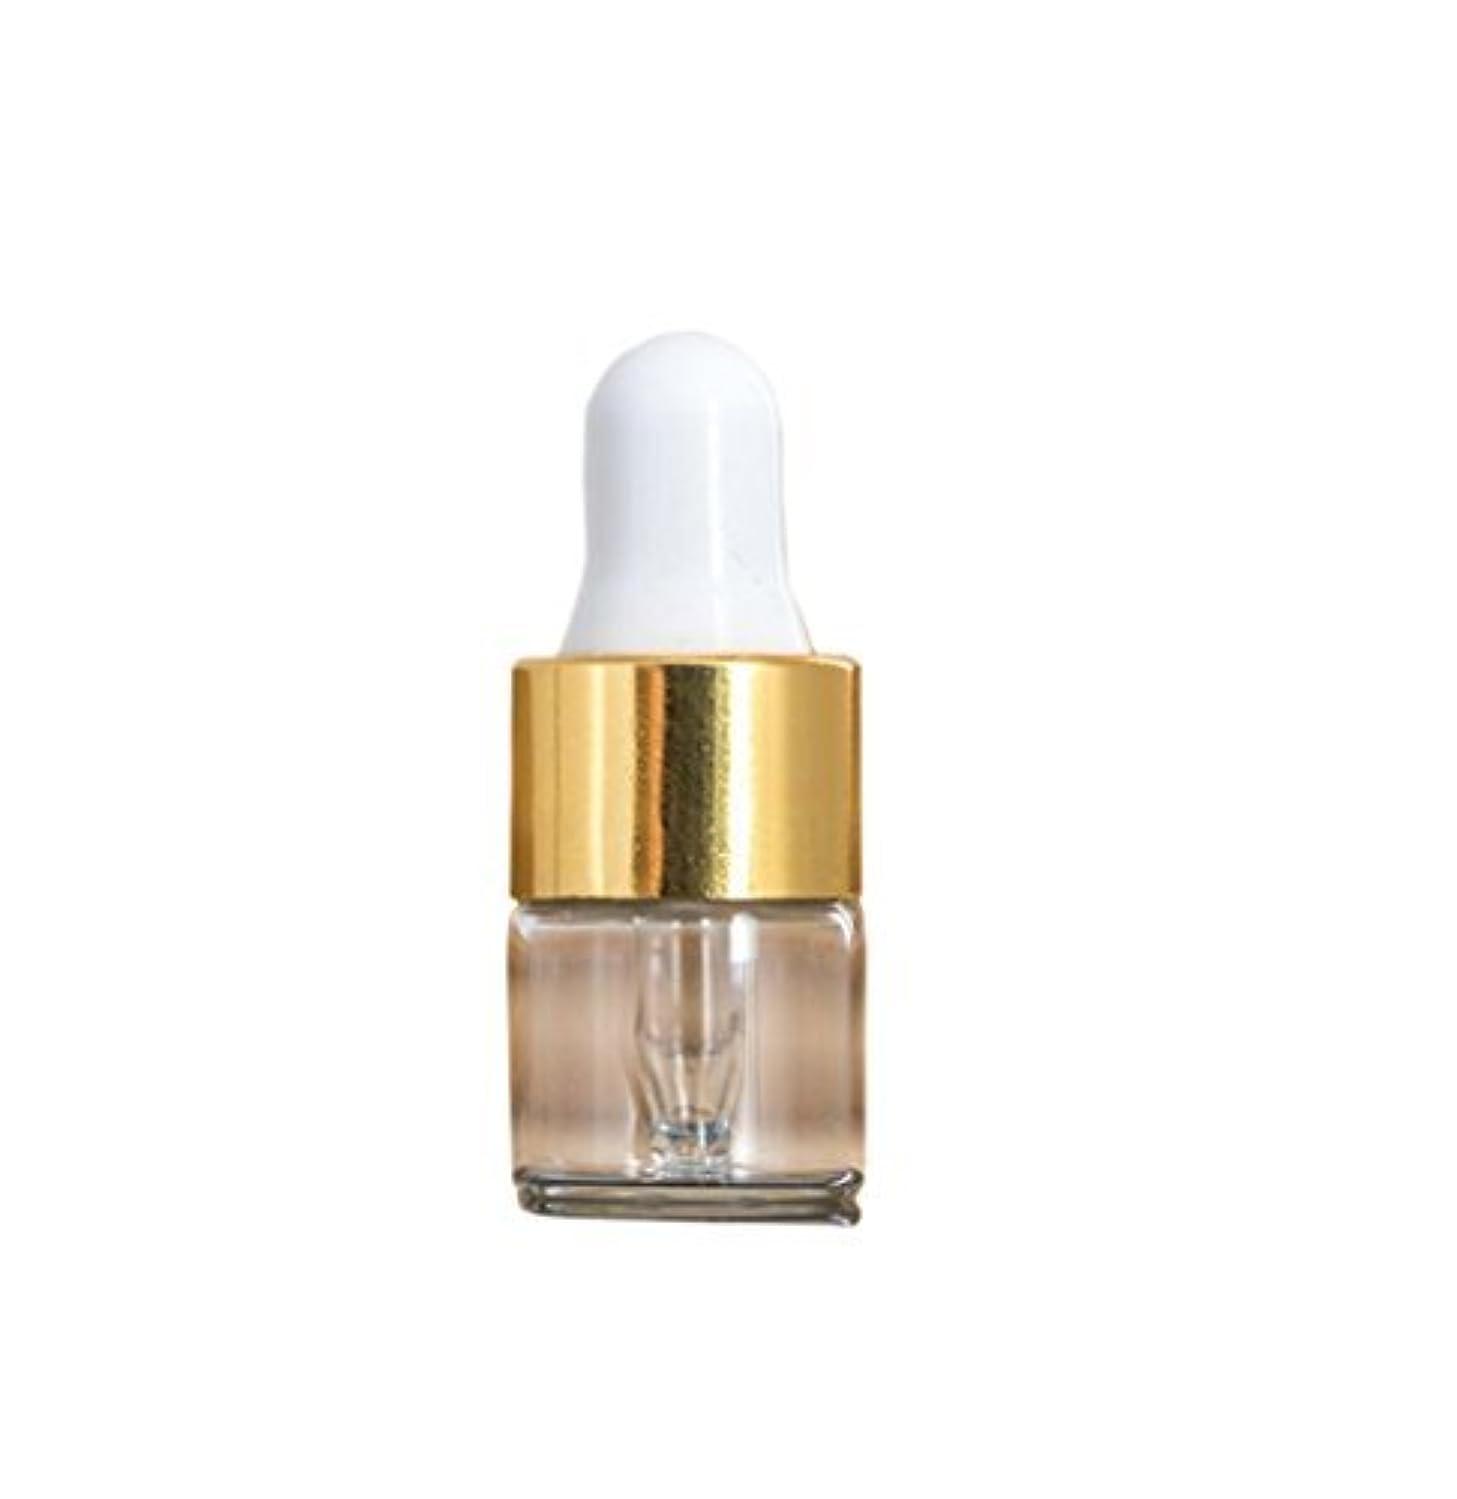 サーマルタバコ余計なClear Glass Mini 1ml 15 Pcs Refillable Essential Oil Dropper Bottles Containers Cosmetic Sample Bottles Aromatherapy...